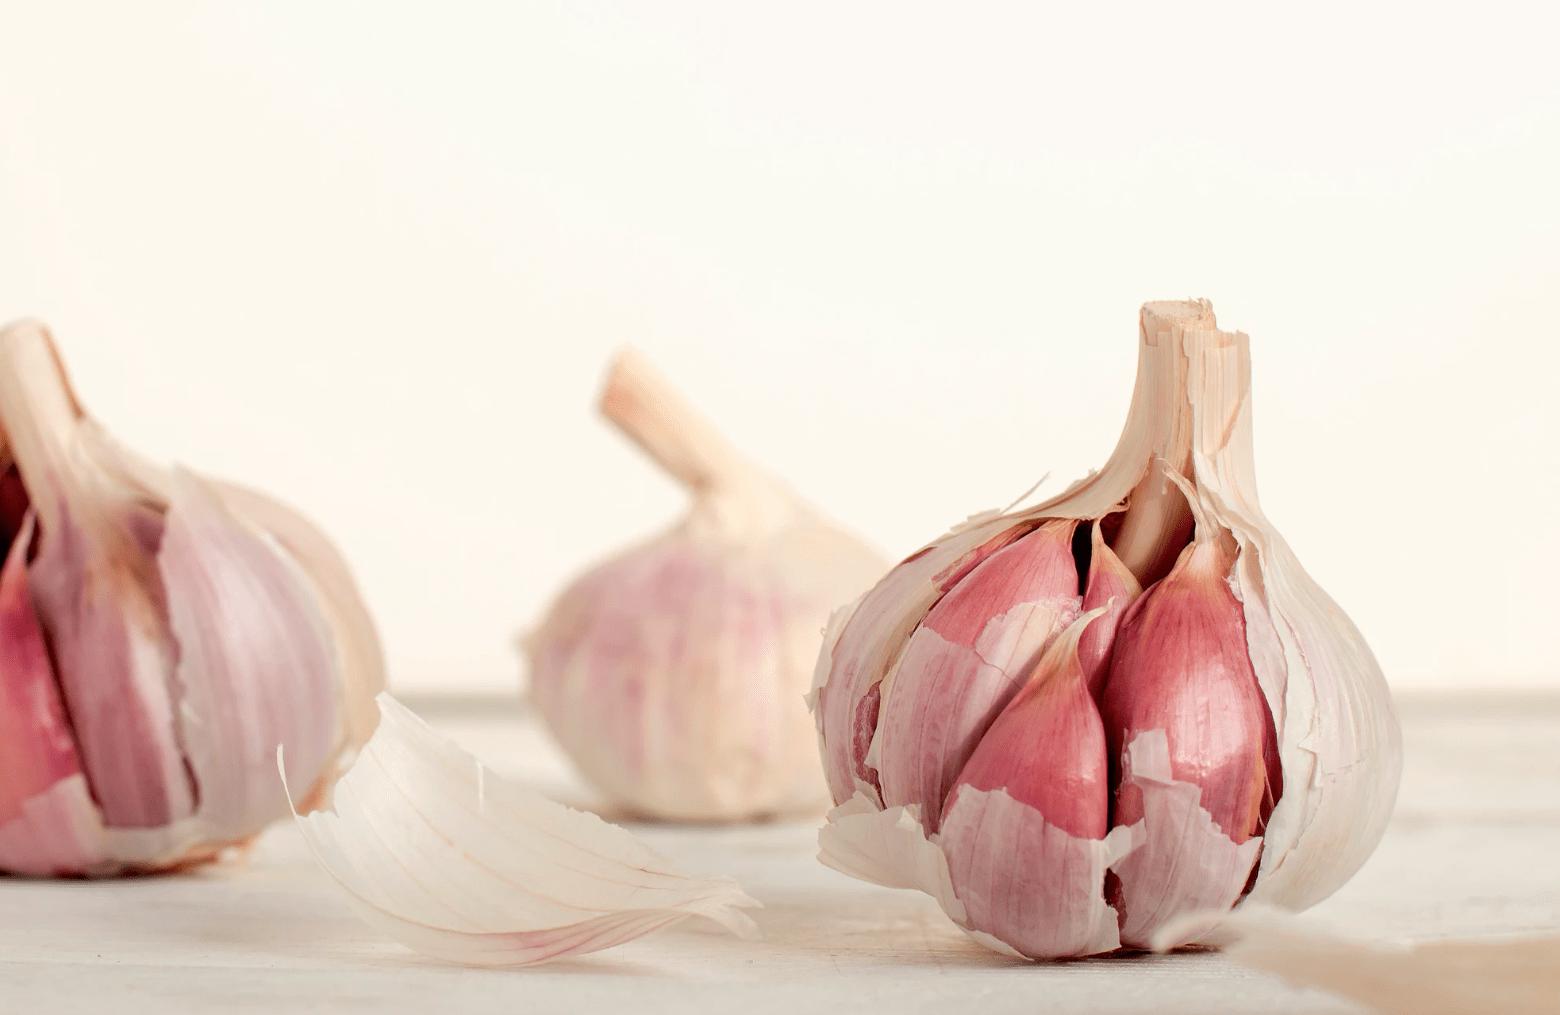 Garlic has many health benefits.